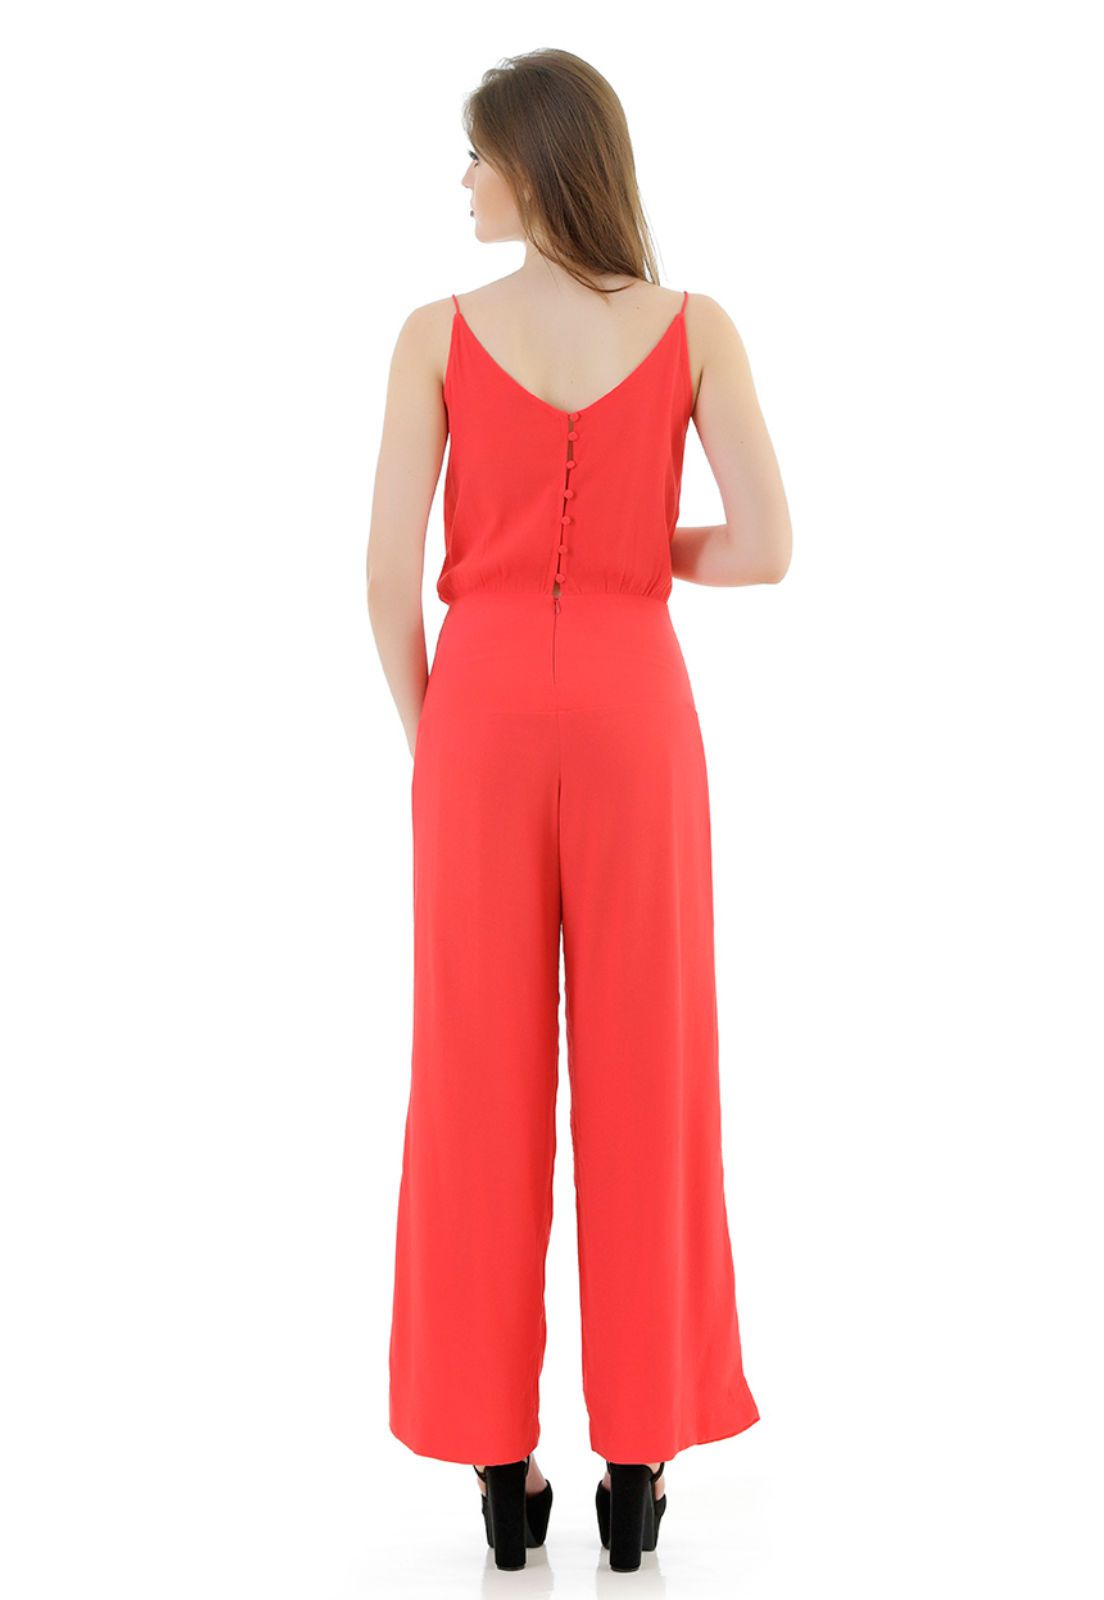 Macacao Pantalona vermelho Unique Chic